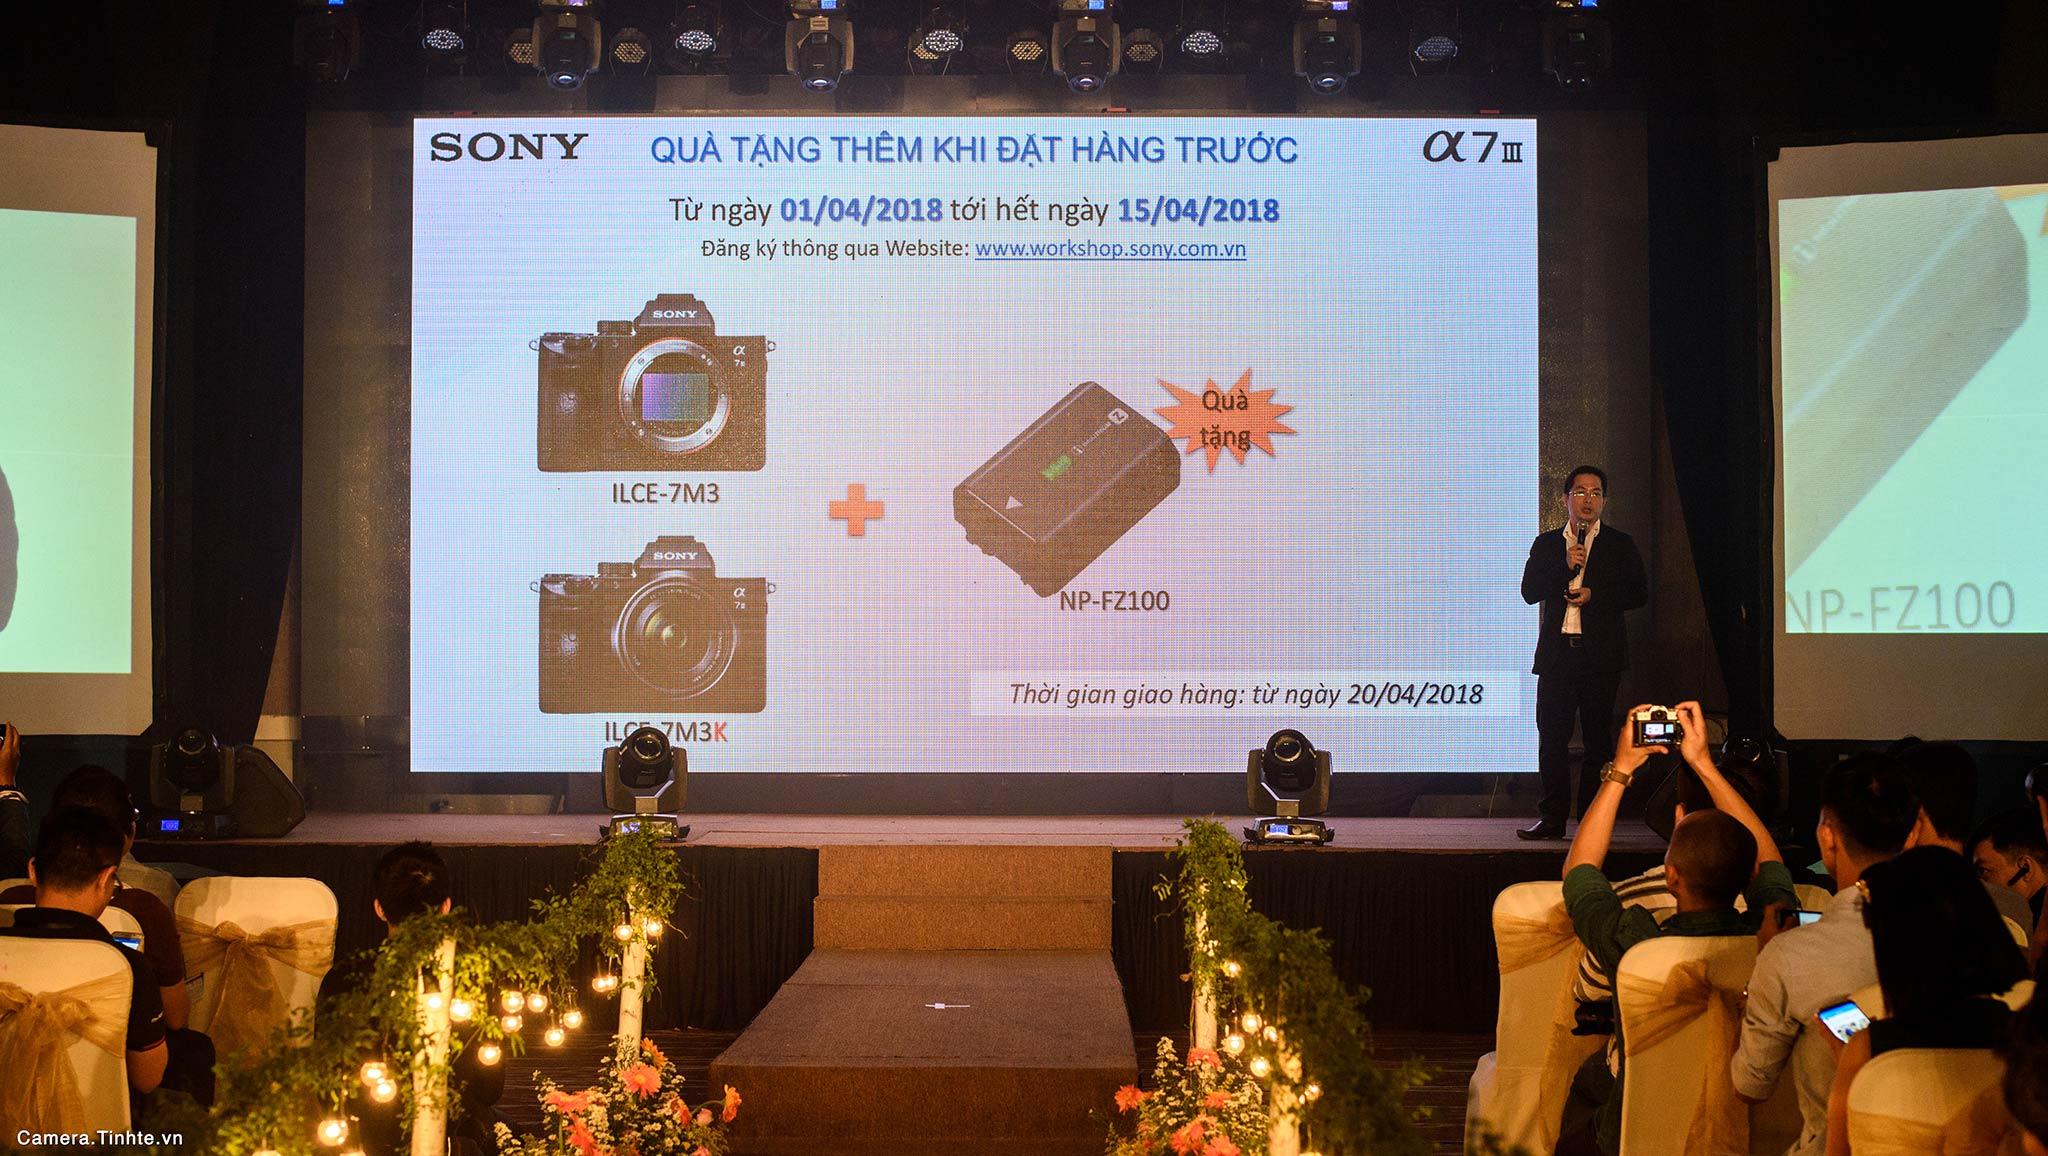 Camera.Tinhte.vn_Sony-ra-mat-A7-III_DSC_1655.jpg